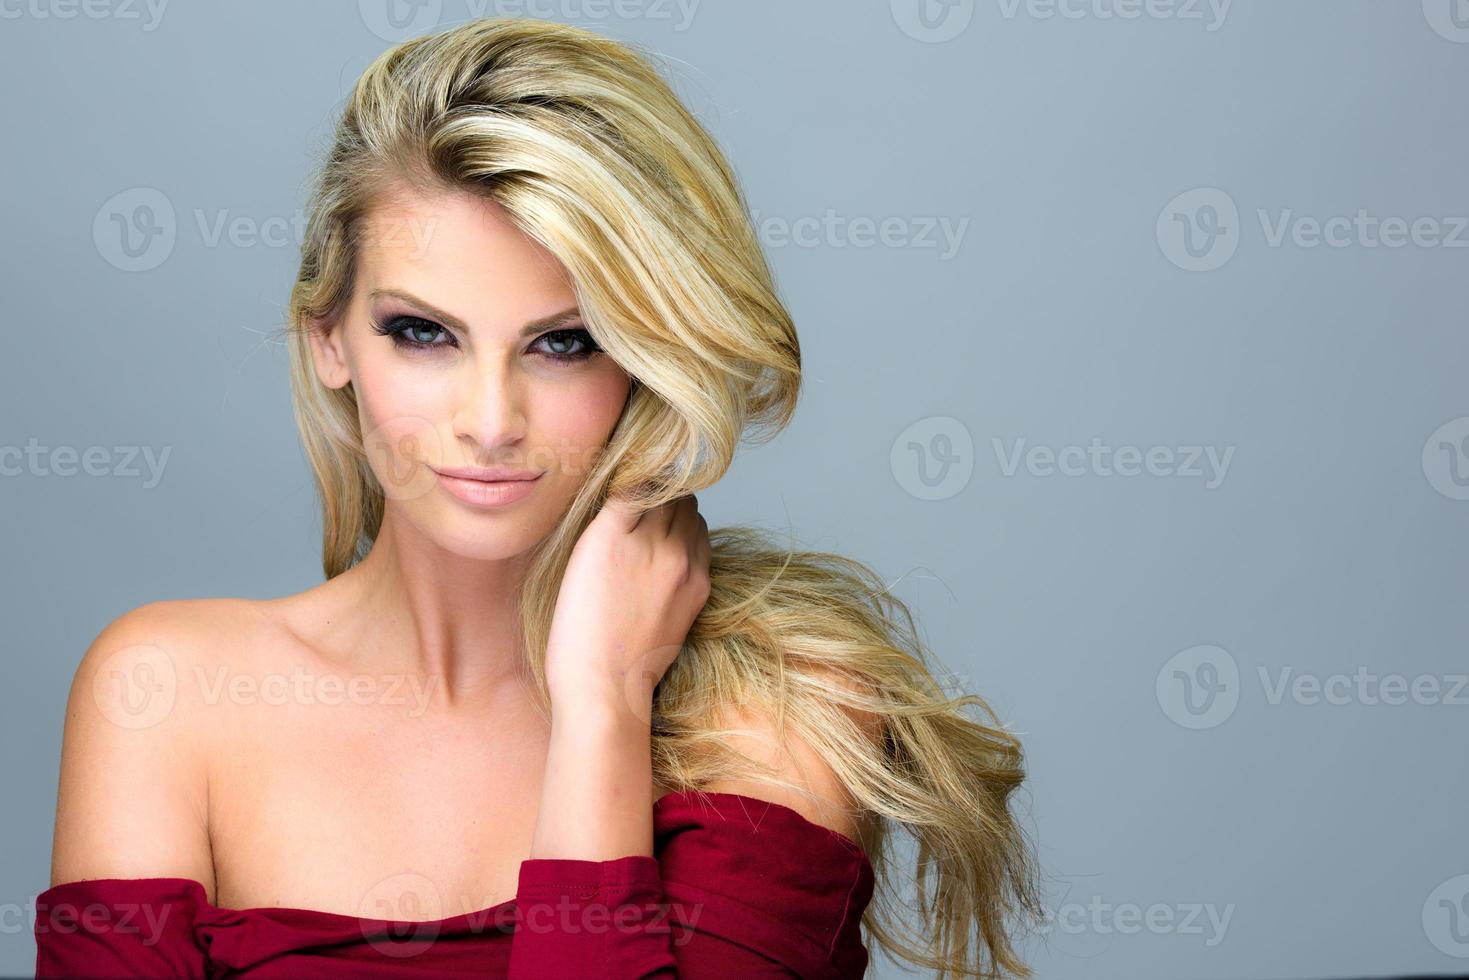 mulher bonita hf foto